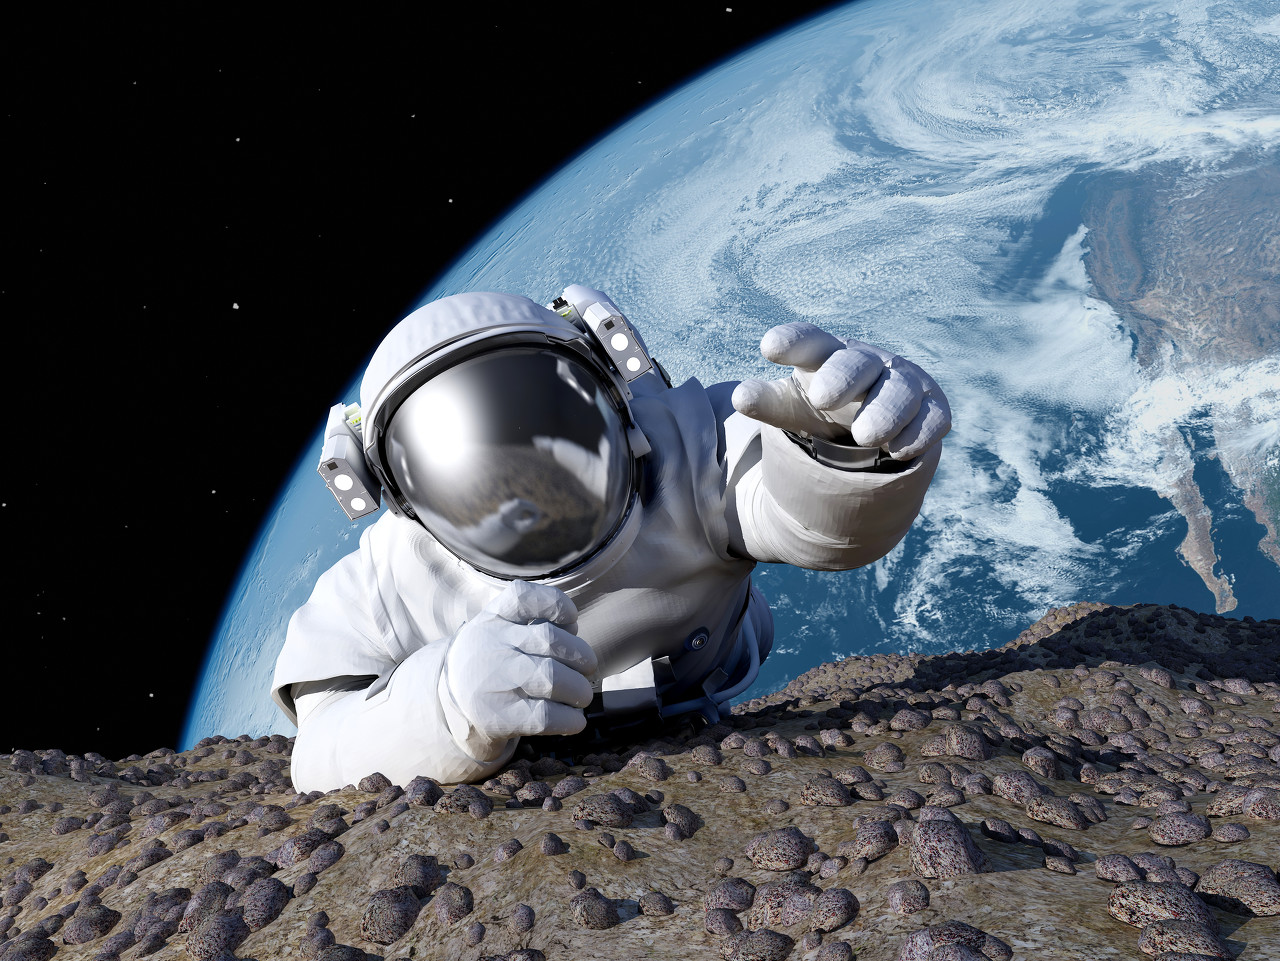 一文看尽人类首次登月:别让阴谋论毁了此壮举